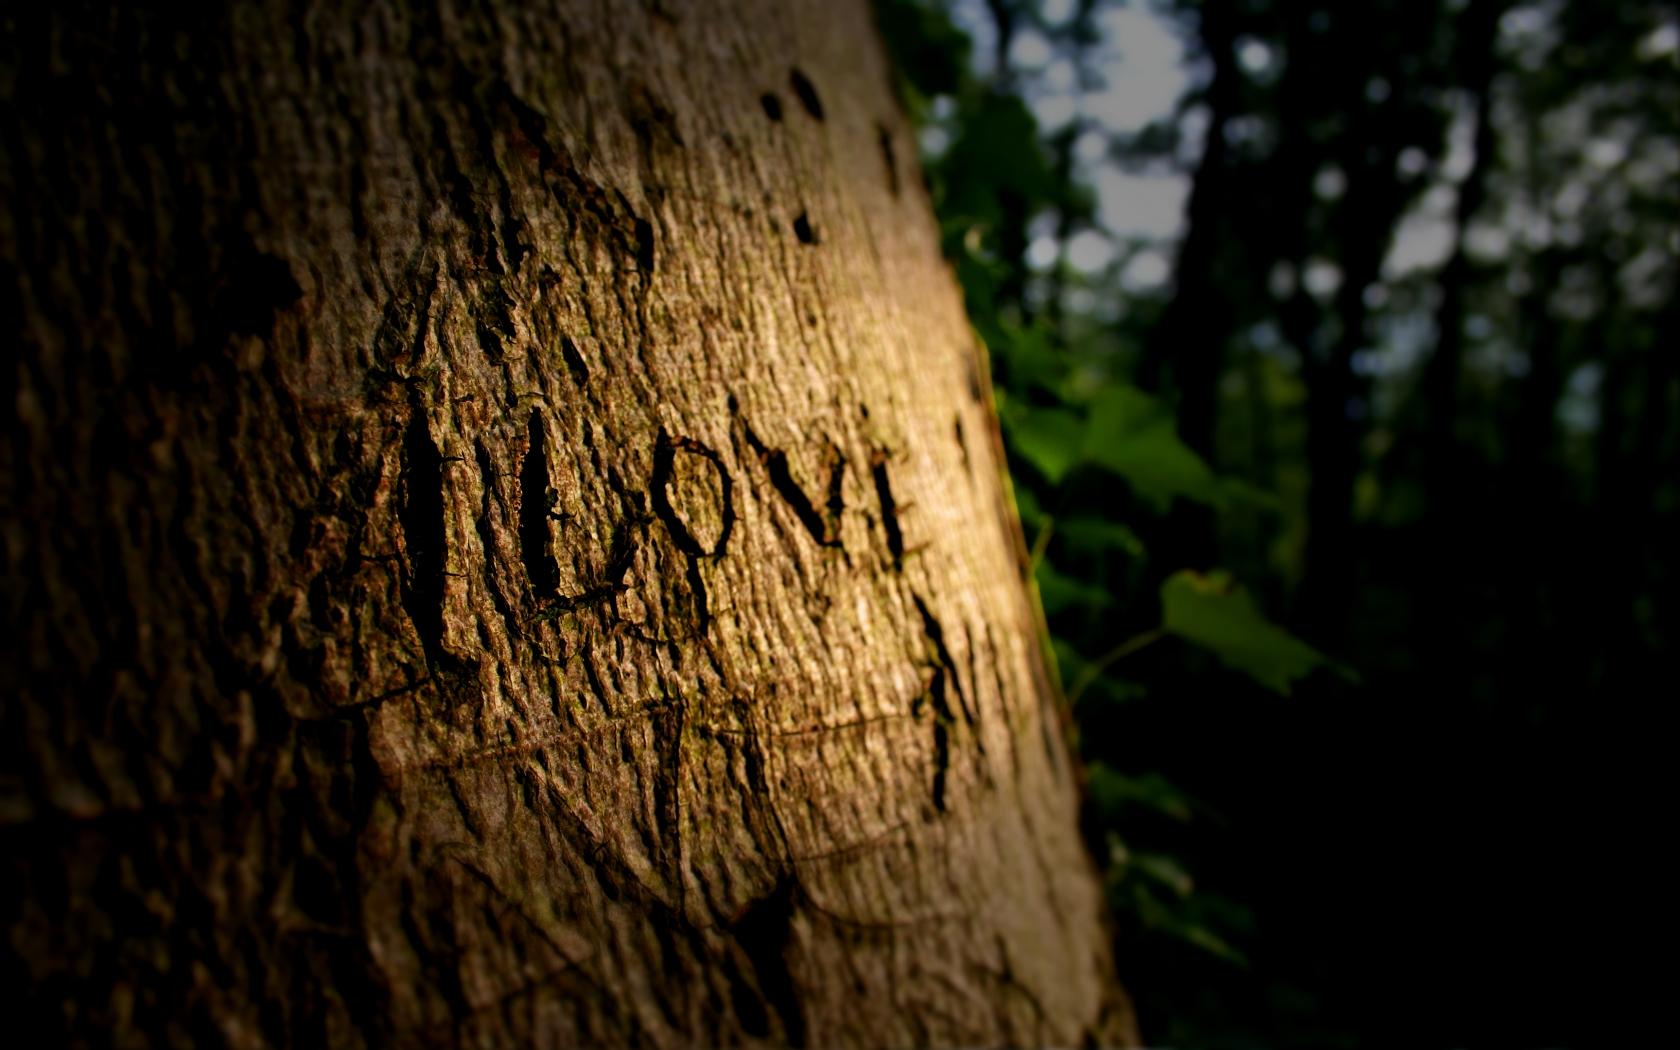 Надпись на дереве в картинках, удачной рыбалки